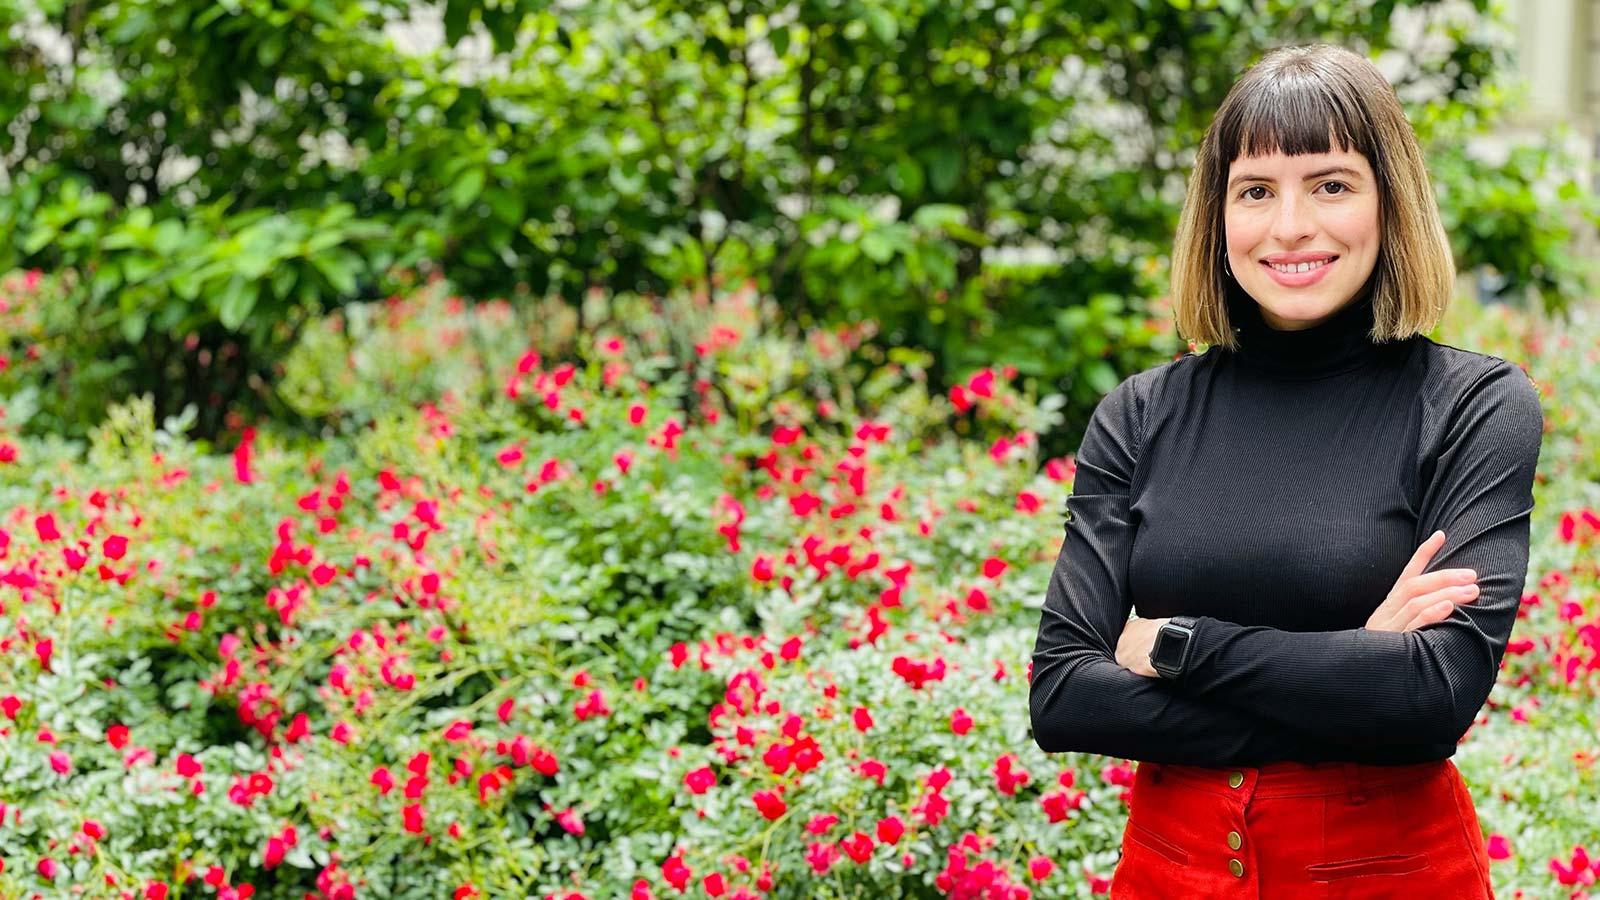 Yadira Soto-Feliciano